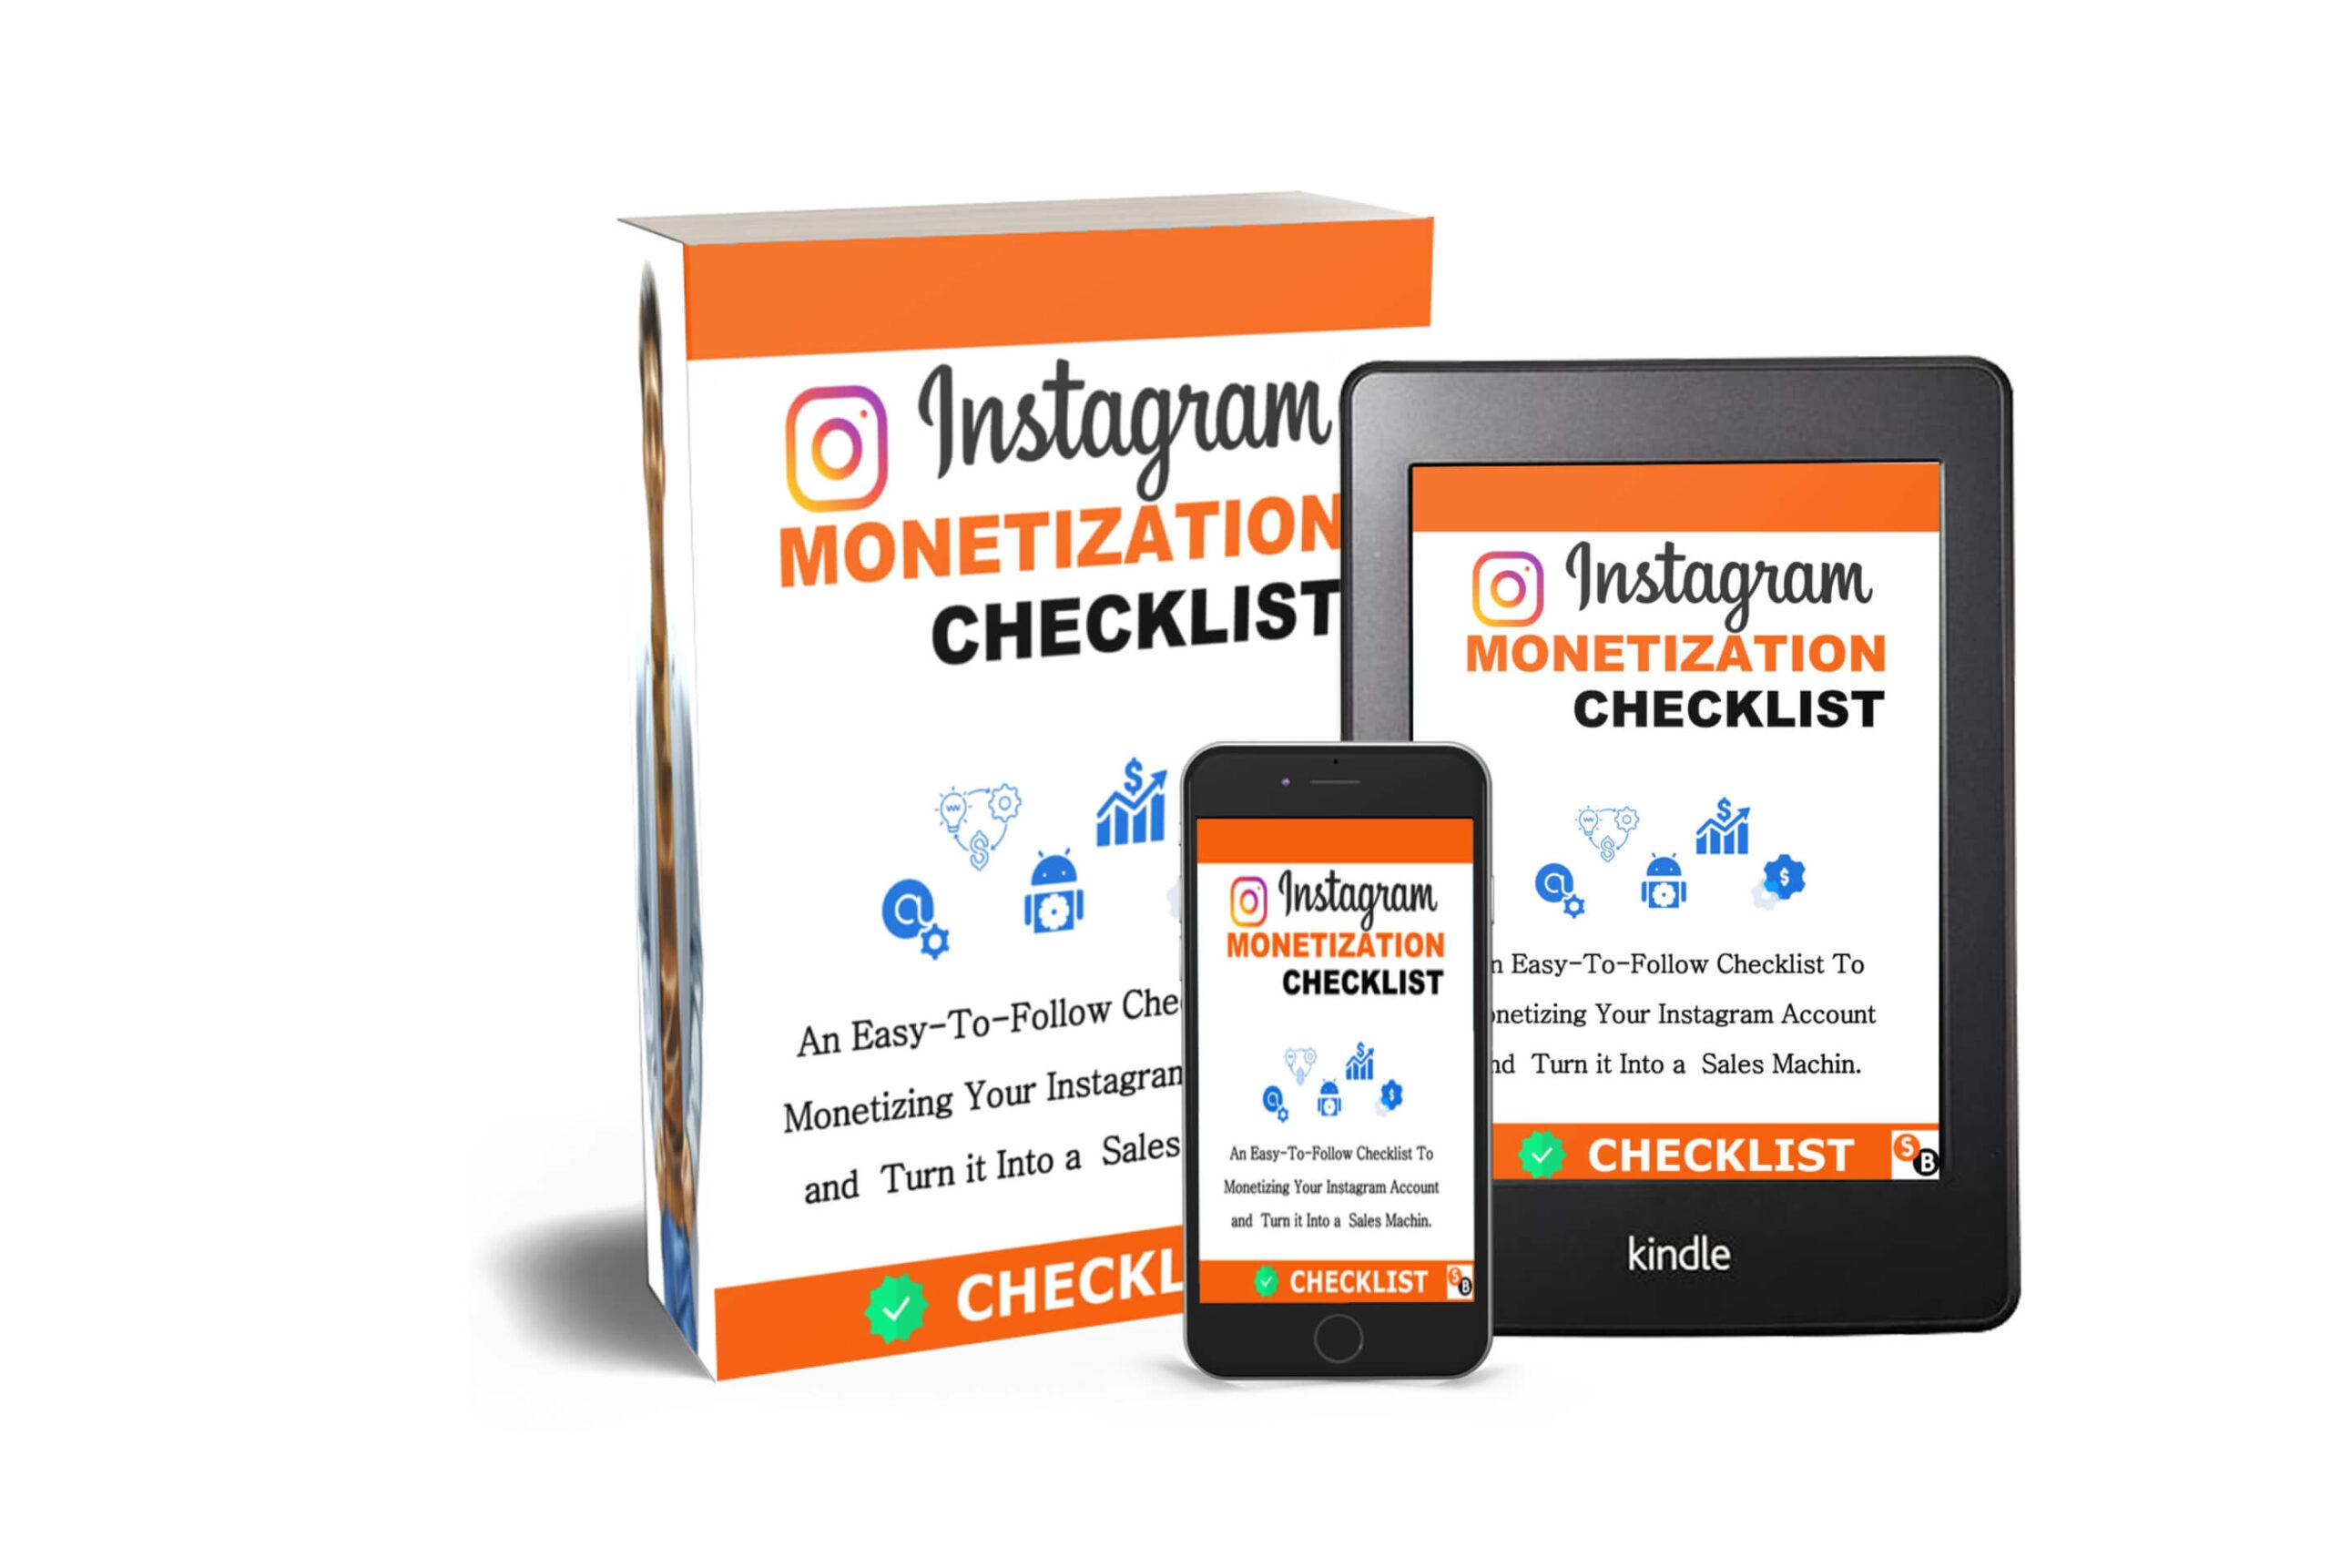 Instagram-Monetization-Checklis